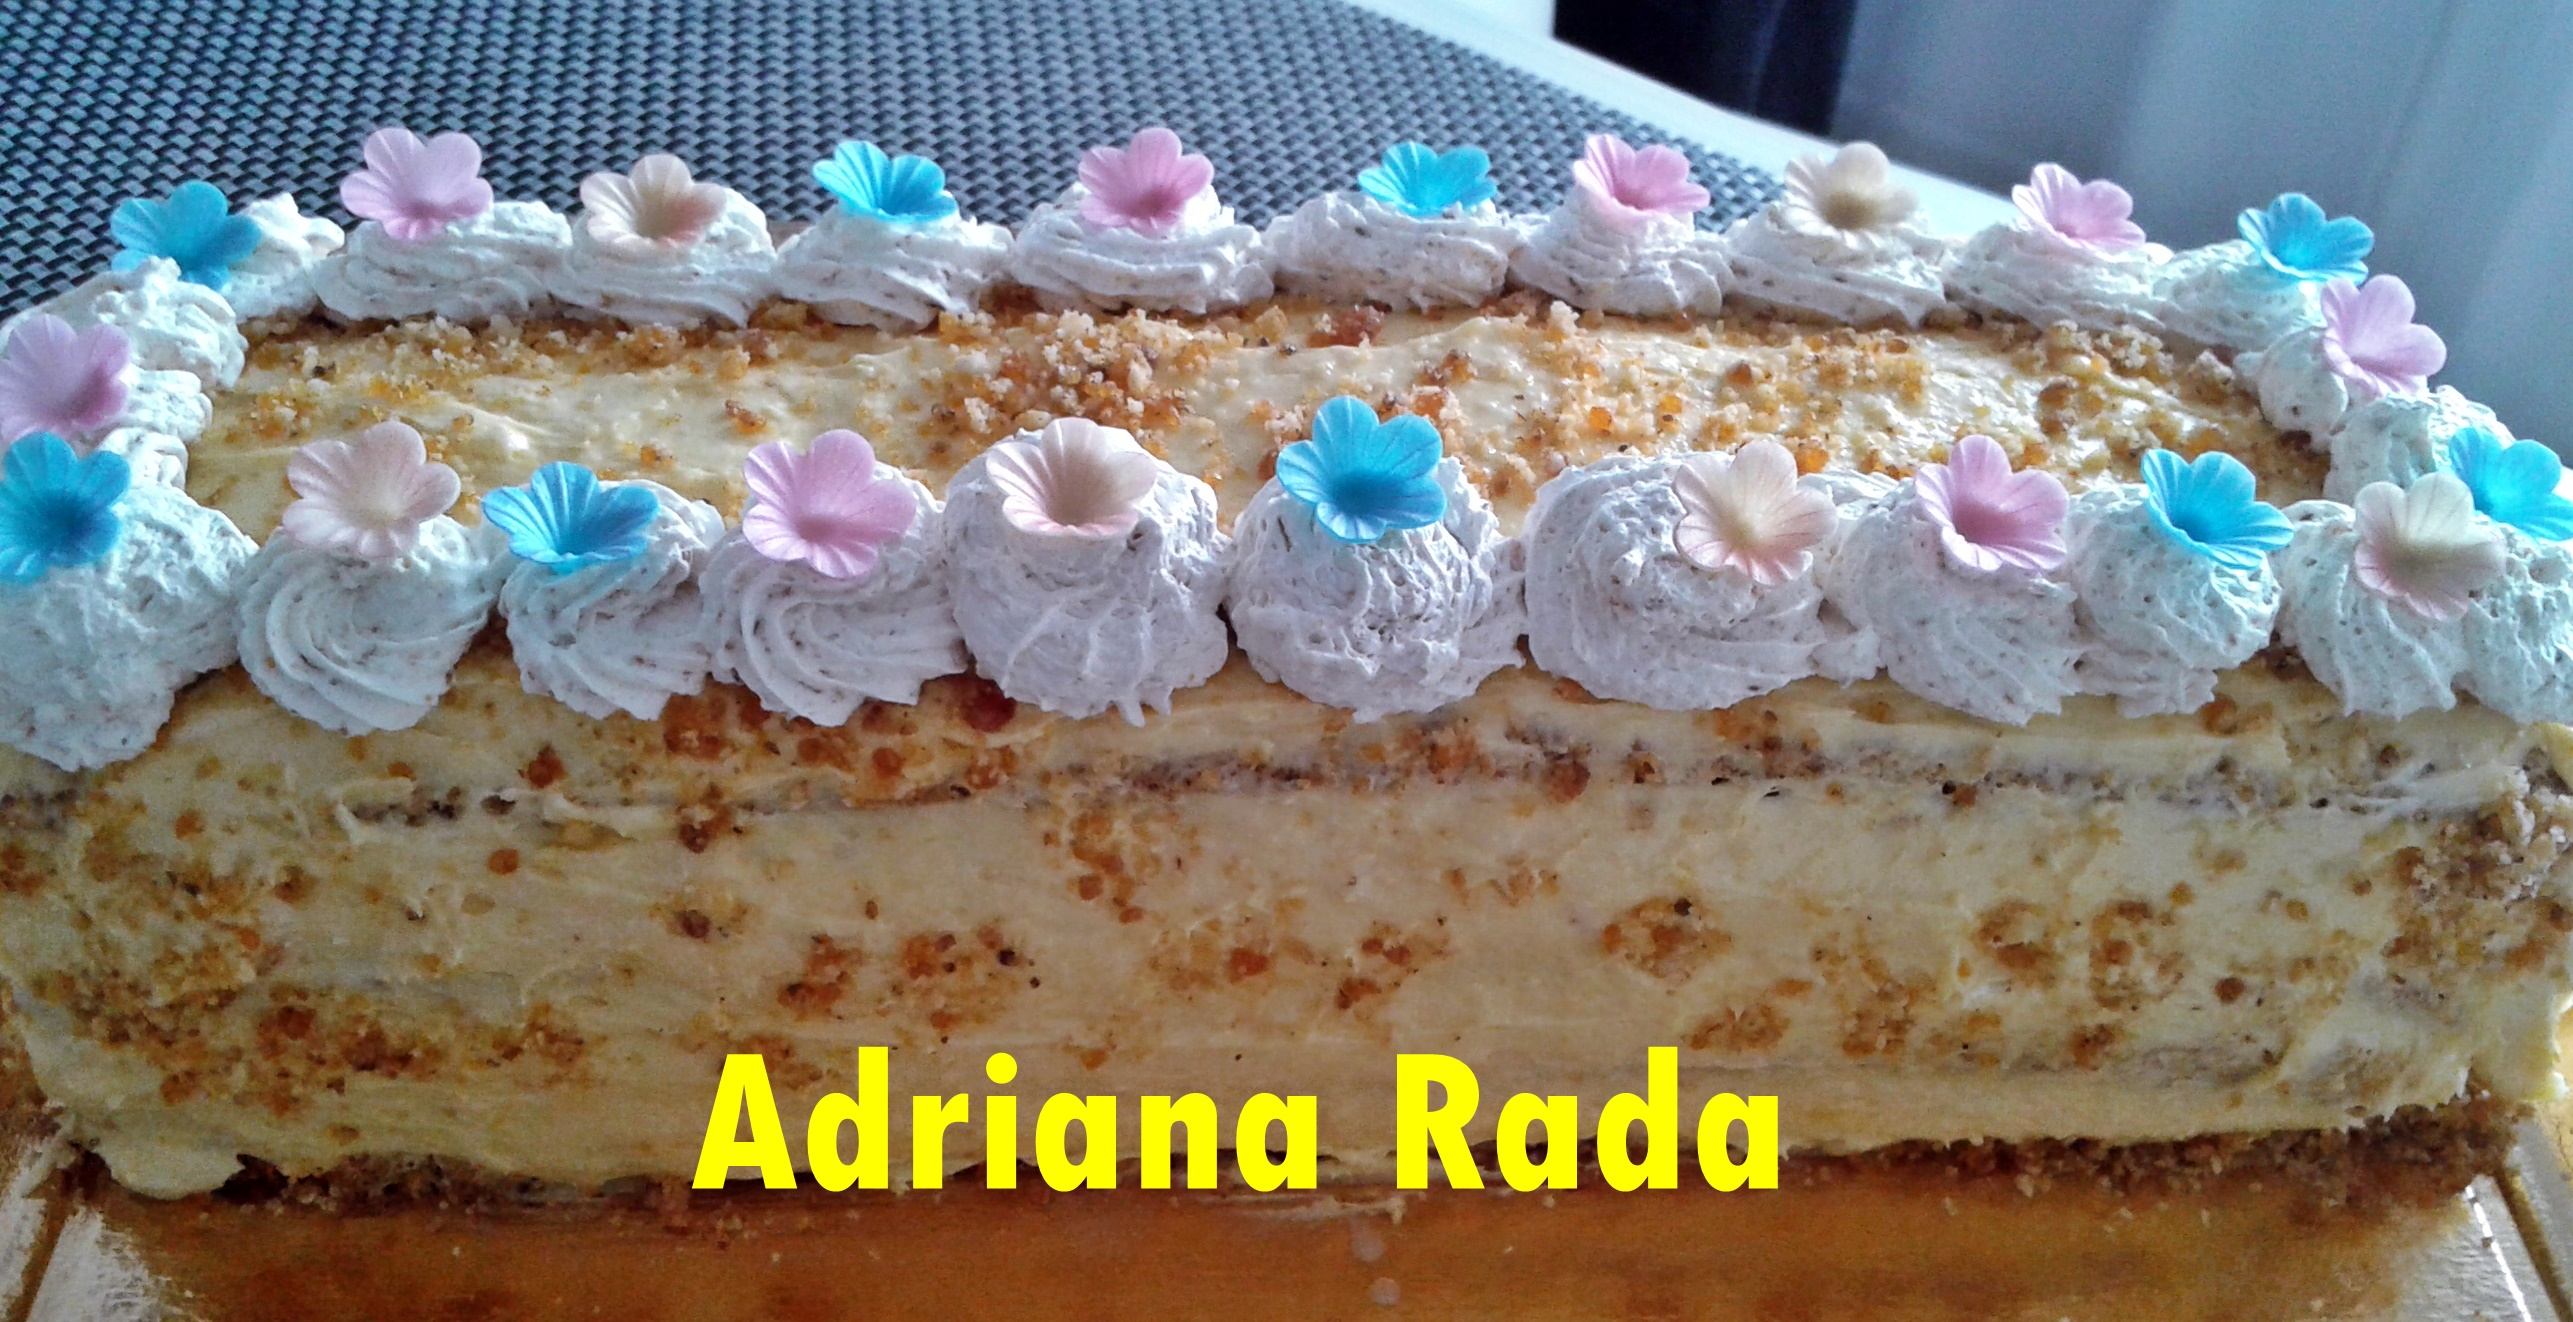 tort egiptean adriana rada reteta simpla - Tort egiptean cu nuca si vanilie, reteta simpla